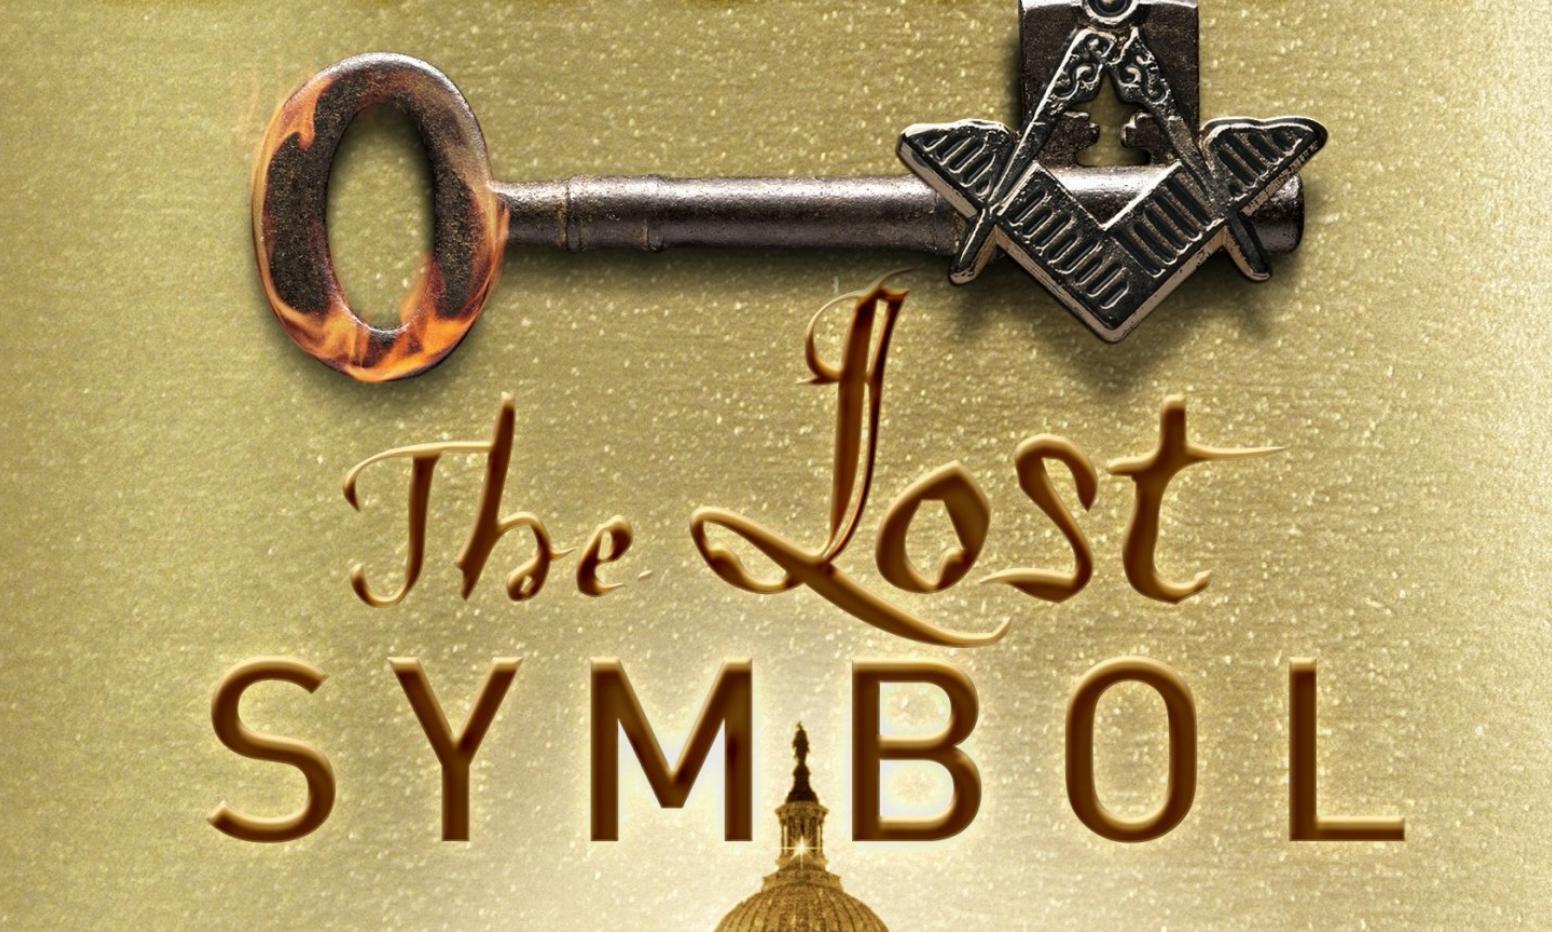 Канал NBC запускает сериал по мотивам романа «Утраченный символ» Дэна Брауна